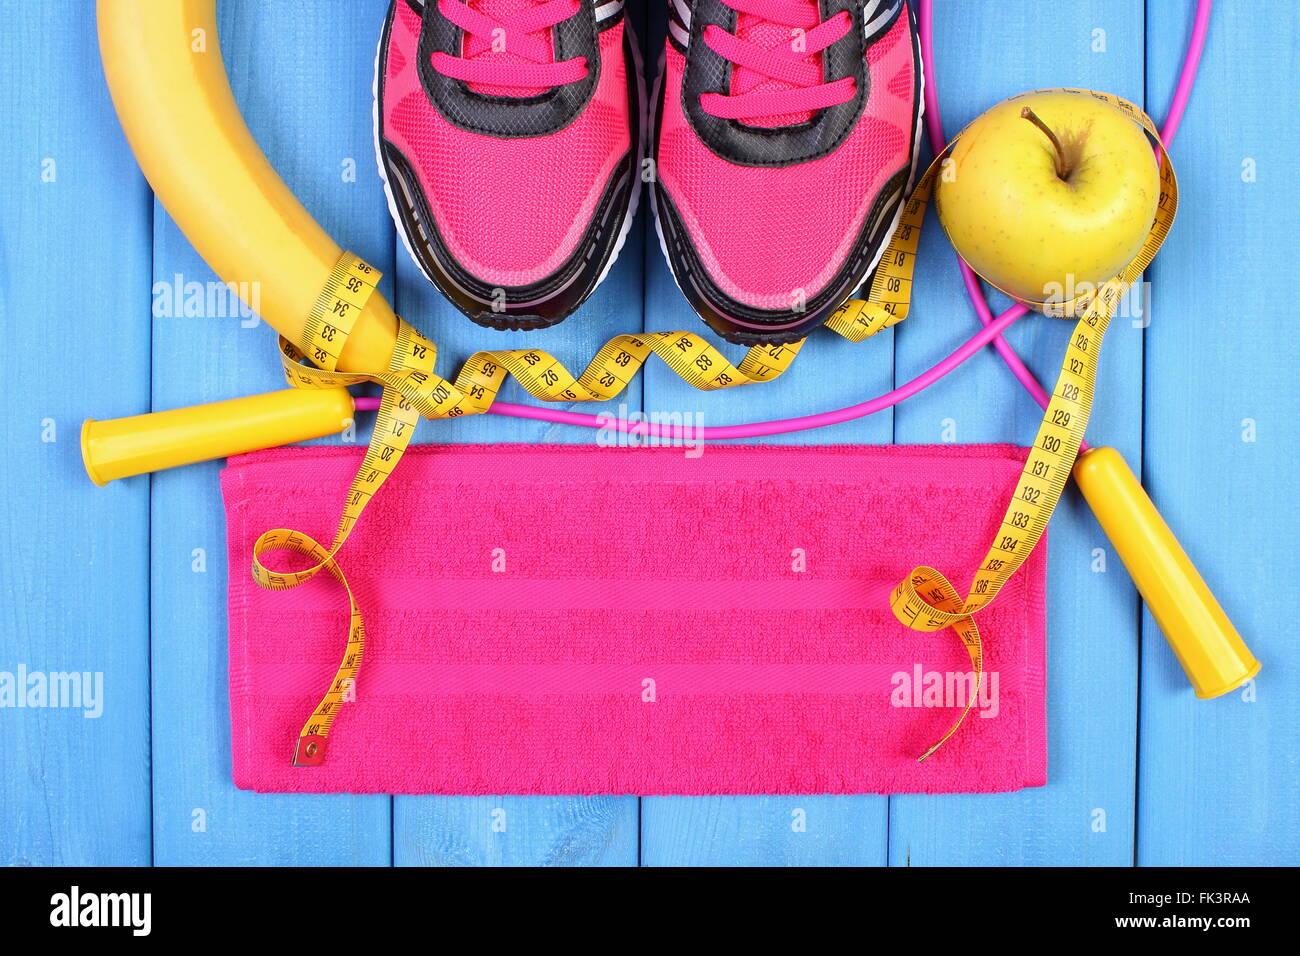 Paire de chaussures de sport, fruits frais et accessoires pour la remise en forme ou de sport sur les cartes bleues, Photo Stock